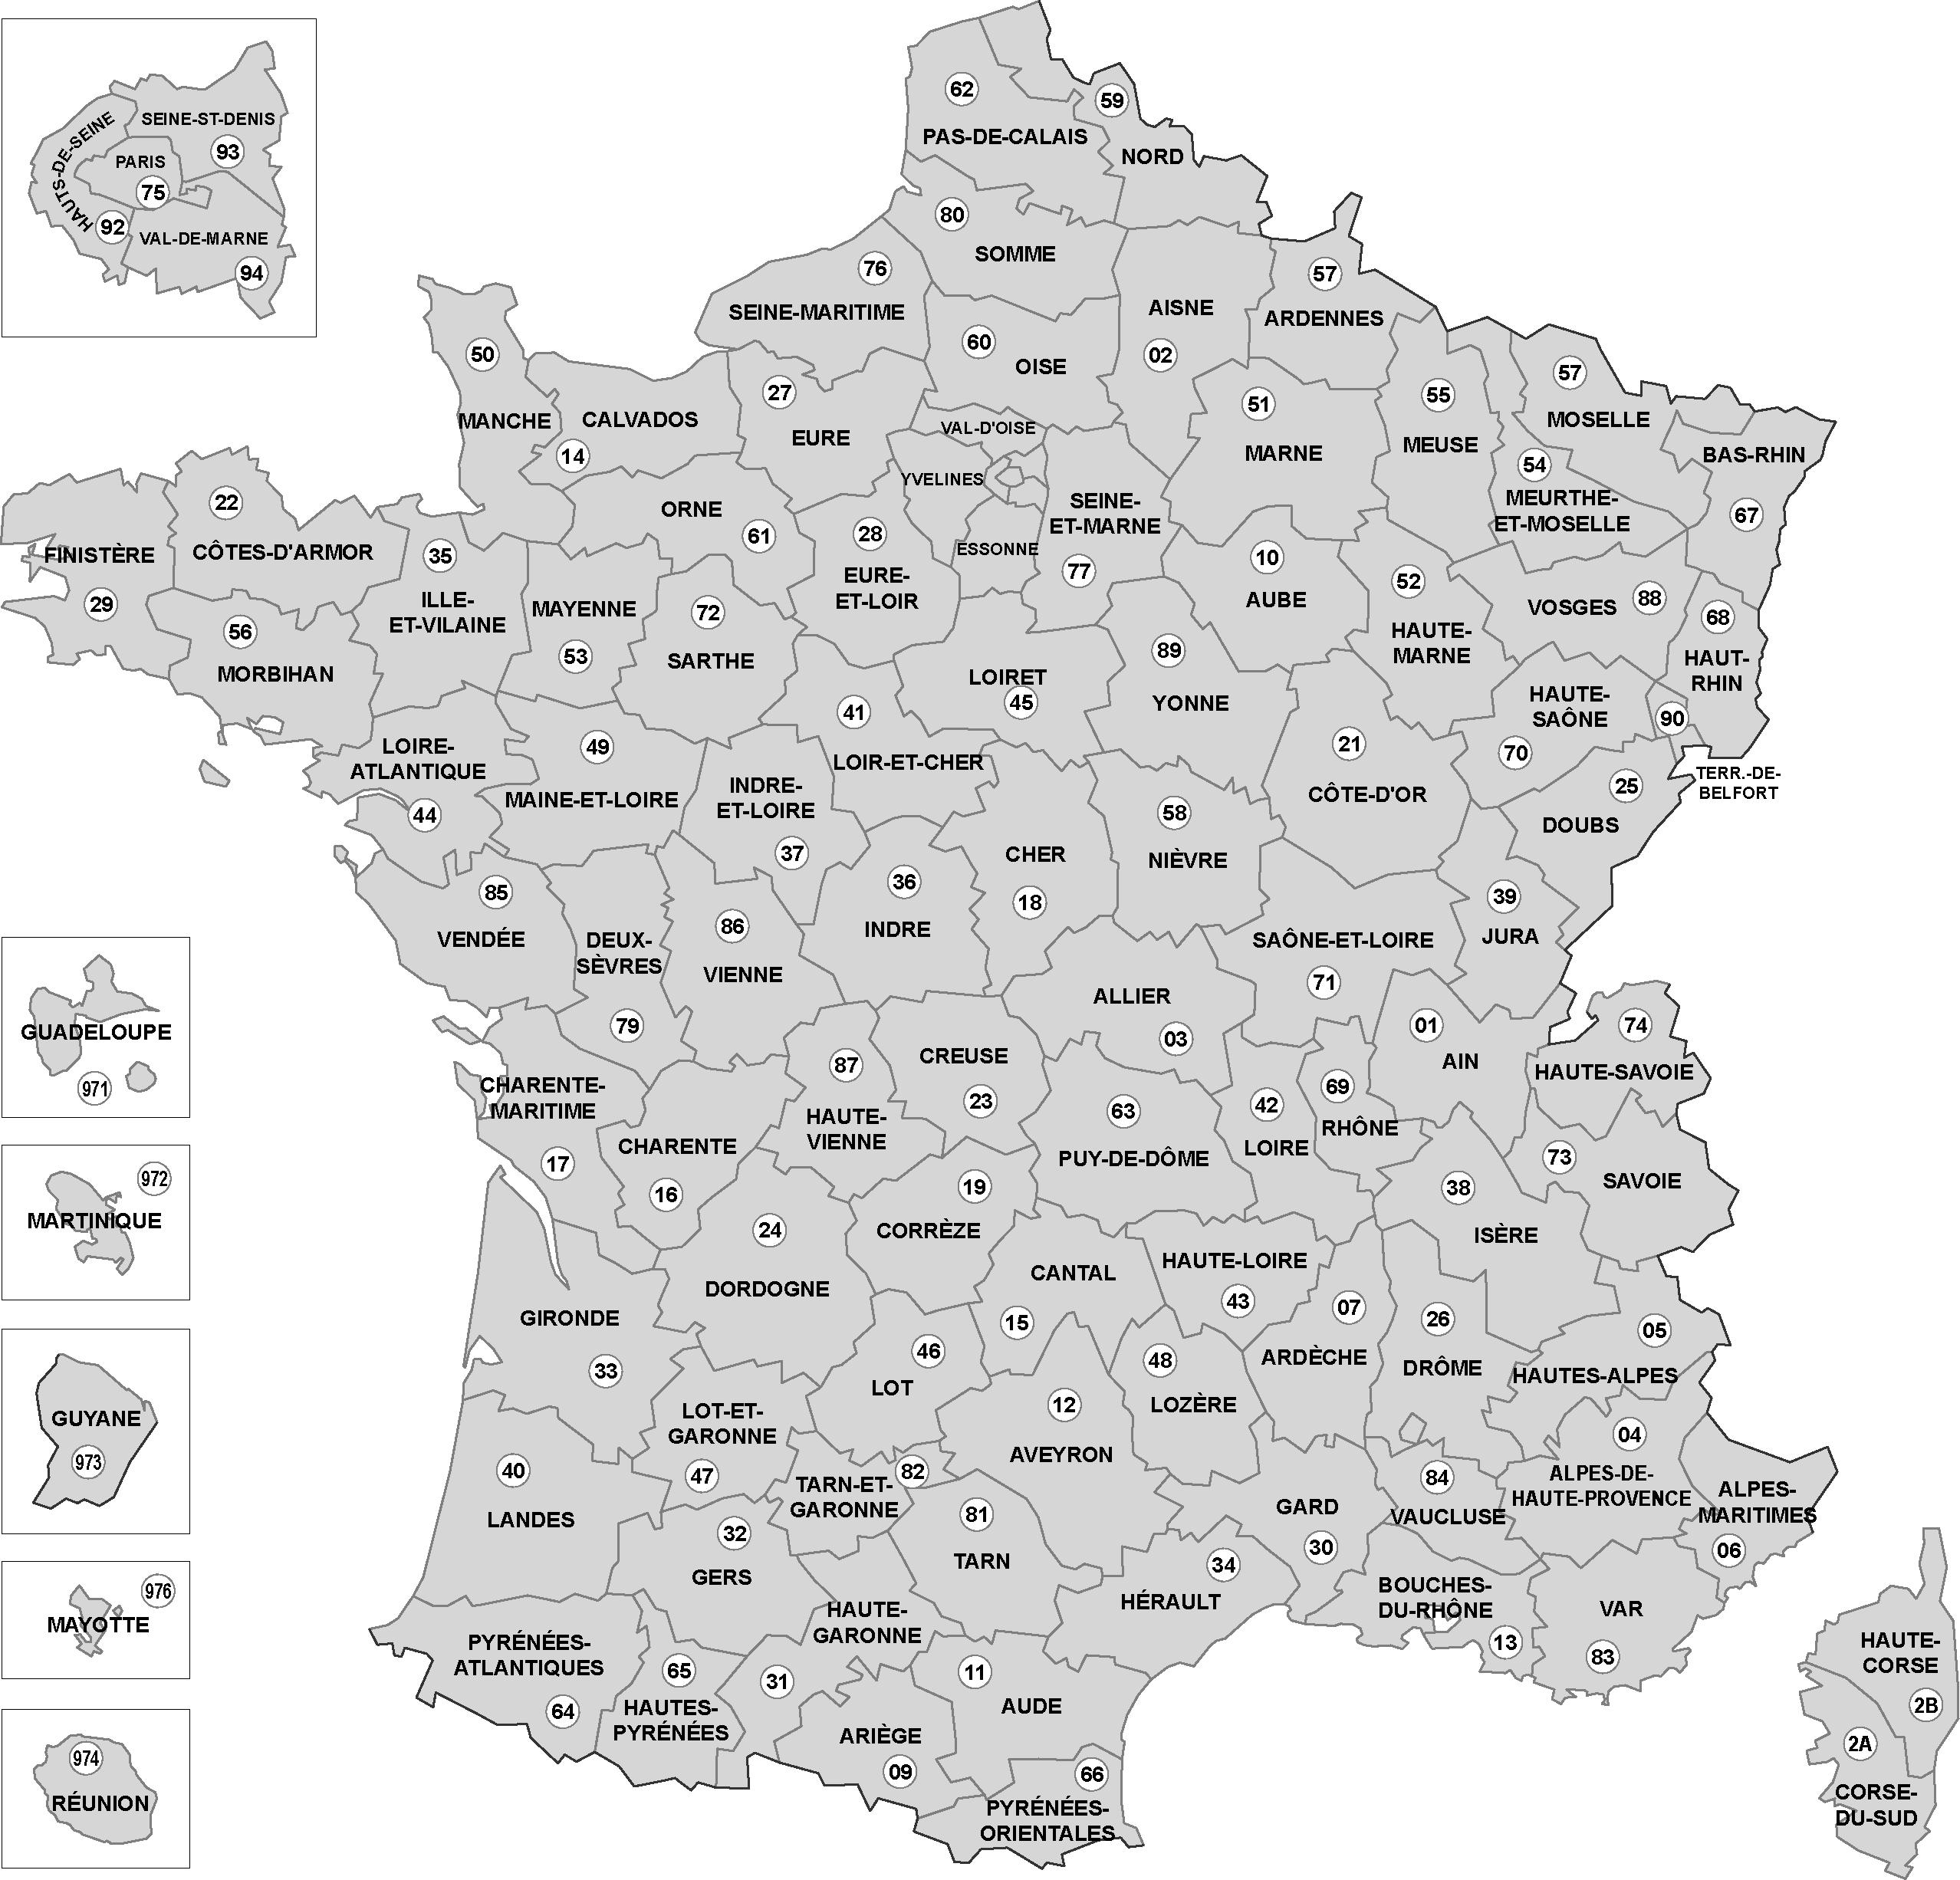 Cartes De France, Cartes Et Rmations Des Régions à Listes Des Départements Français